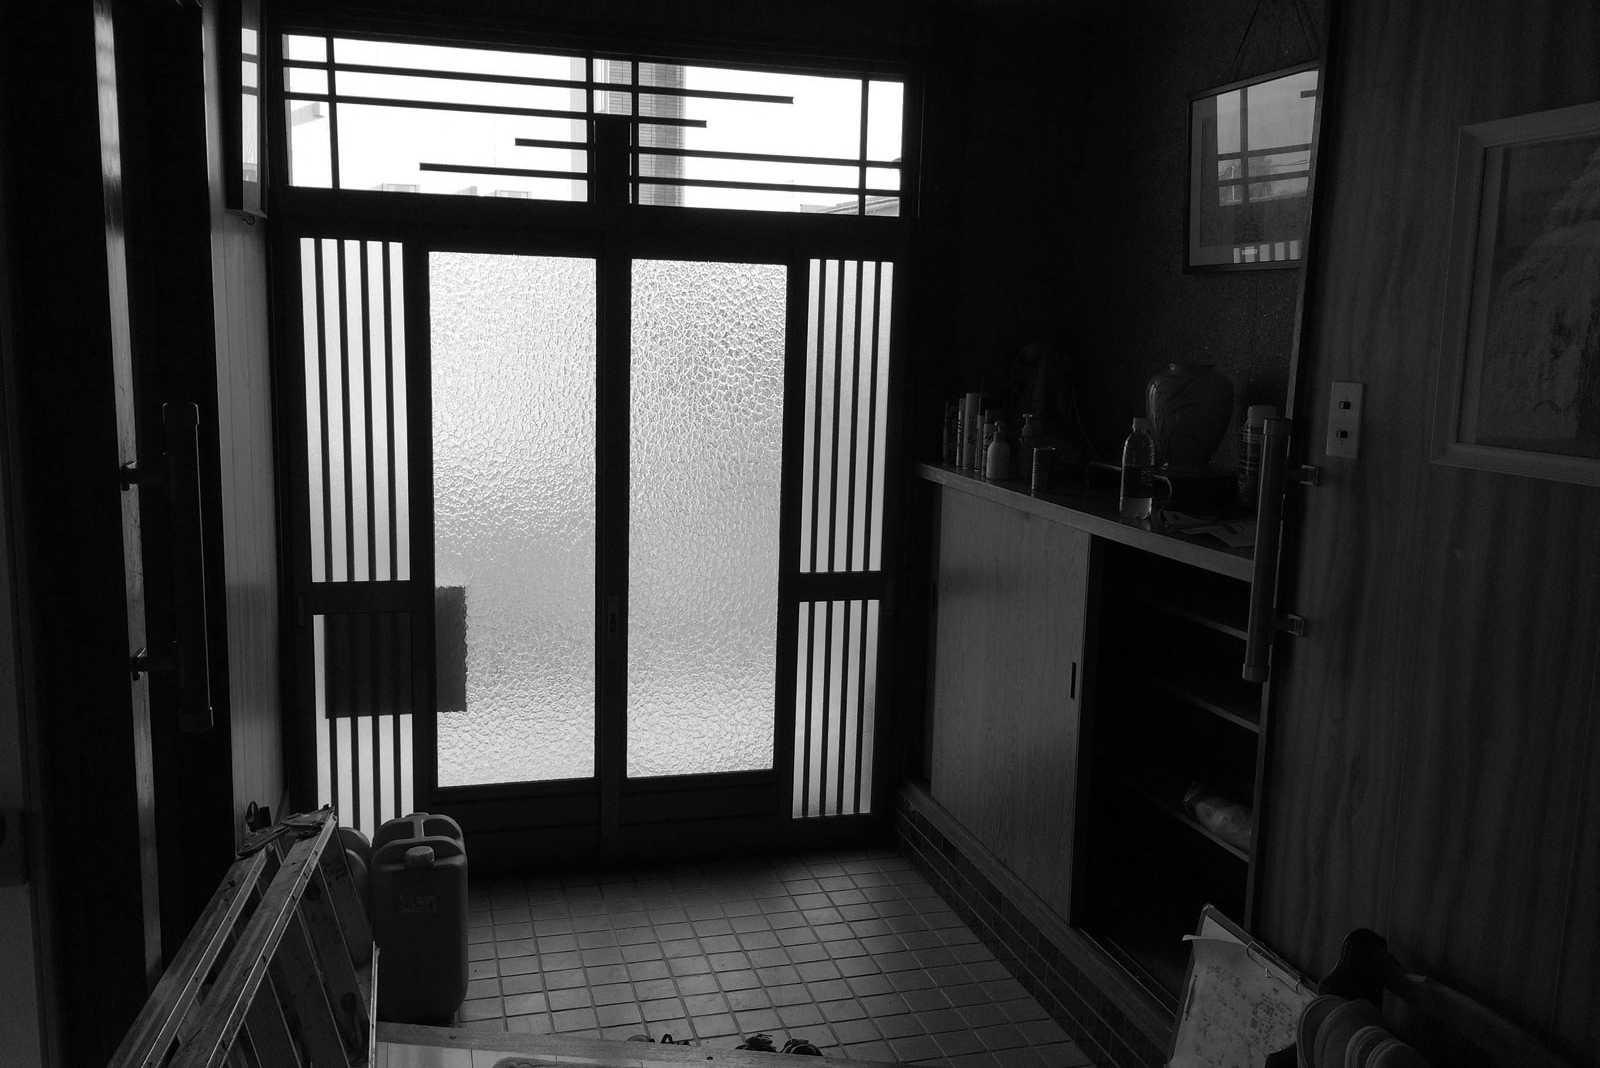 ガラスのドアで断熱性の低かった既存の玄関